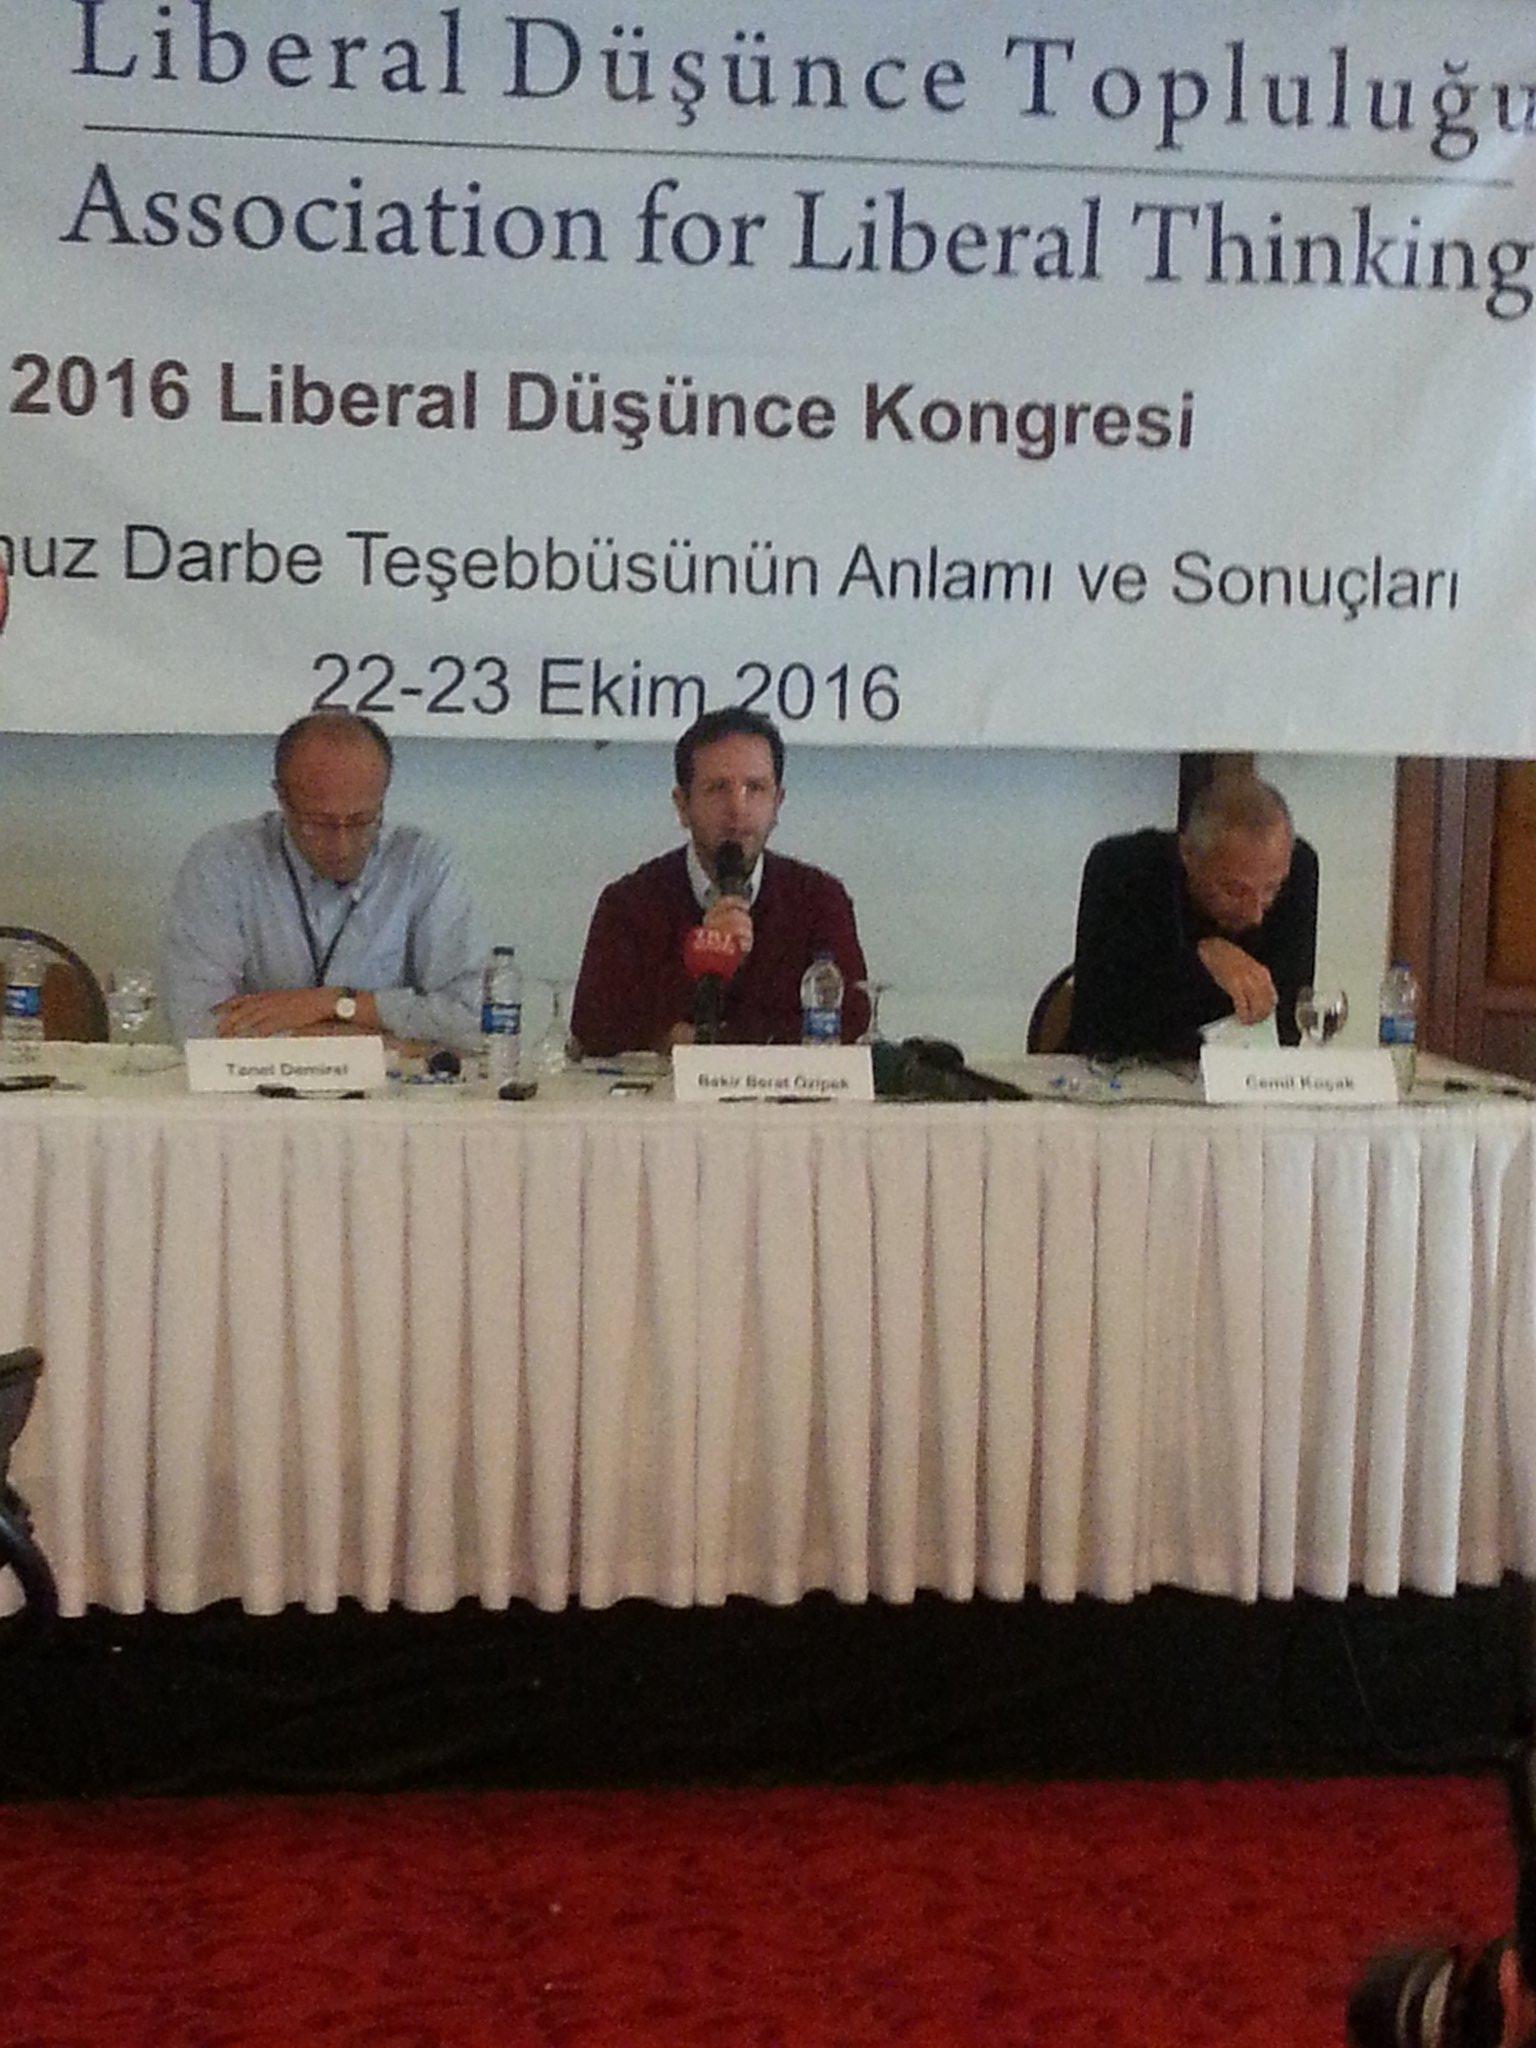 Ankara'da #LDK2016 Kongrenin ilk oturumu Cemil Koçak, Tanel Demirel ve @beratozipek ile başladı. https://t.co/LZJLIgZoEo